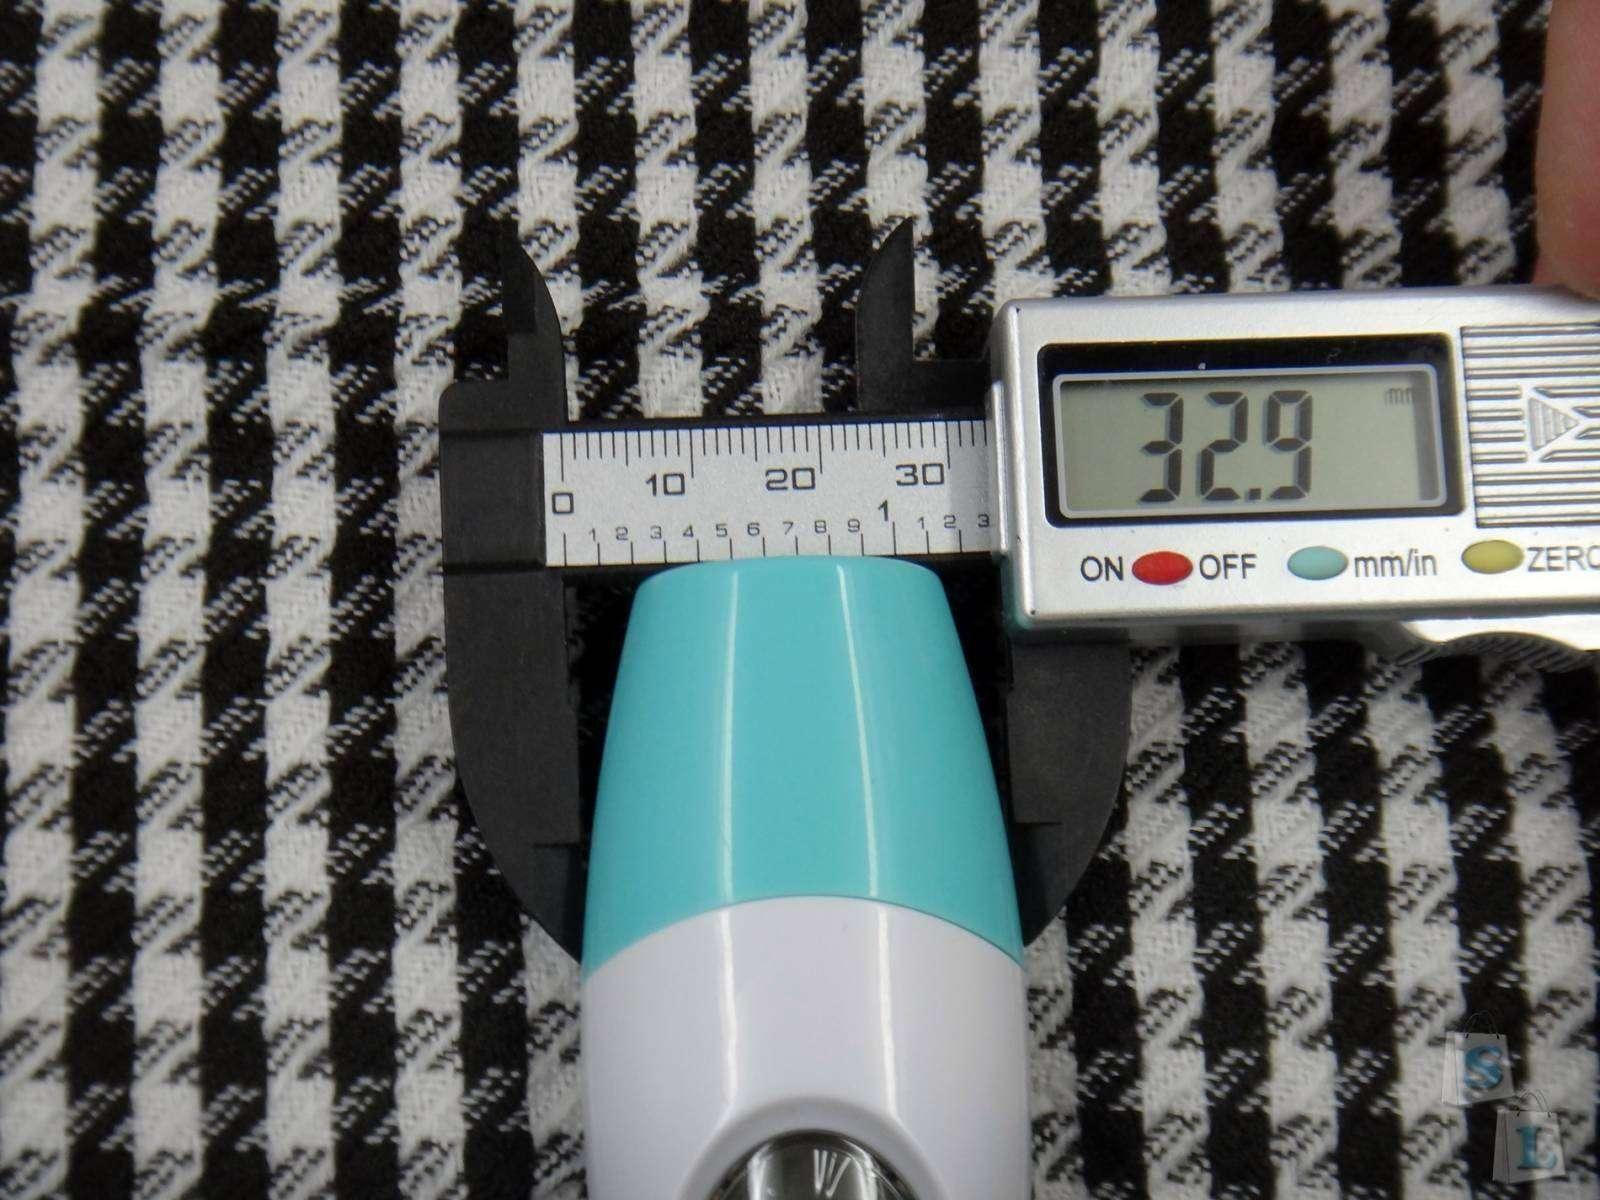 GearBest: Обзор TAISHENG HTD8206C инфракрасный термометр с цветной подсветкой и измерение от 0 до 100С